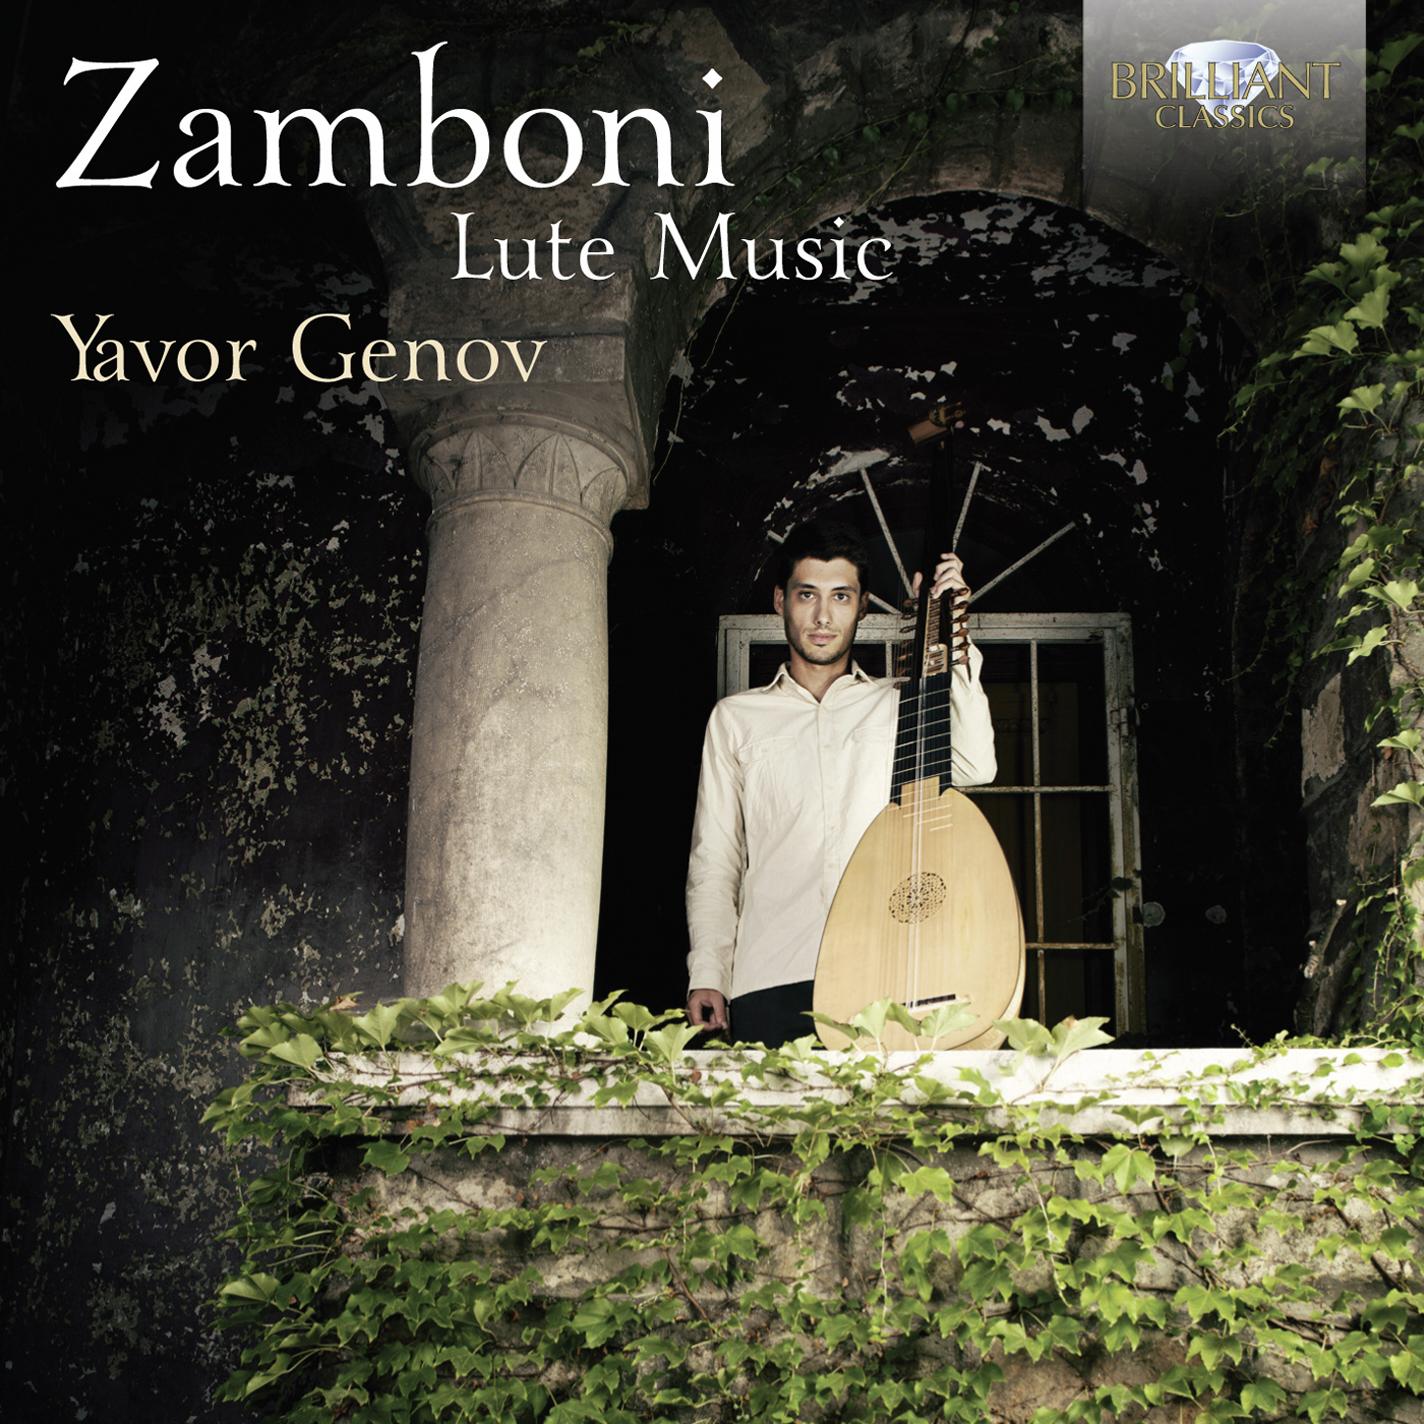 Zamboni: Lute Music